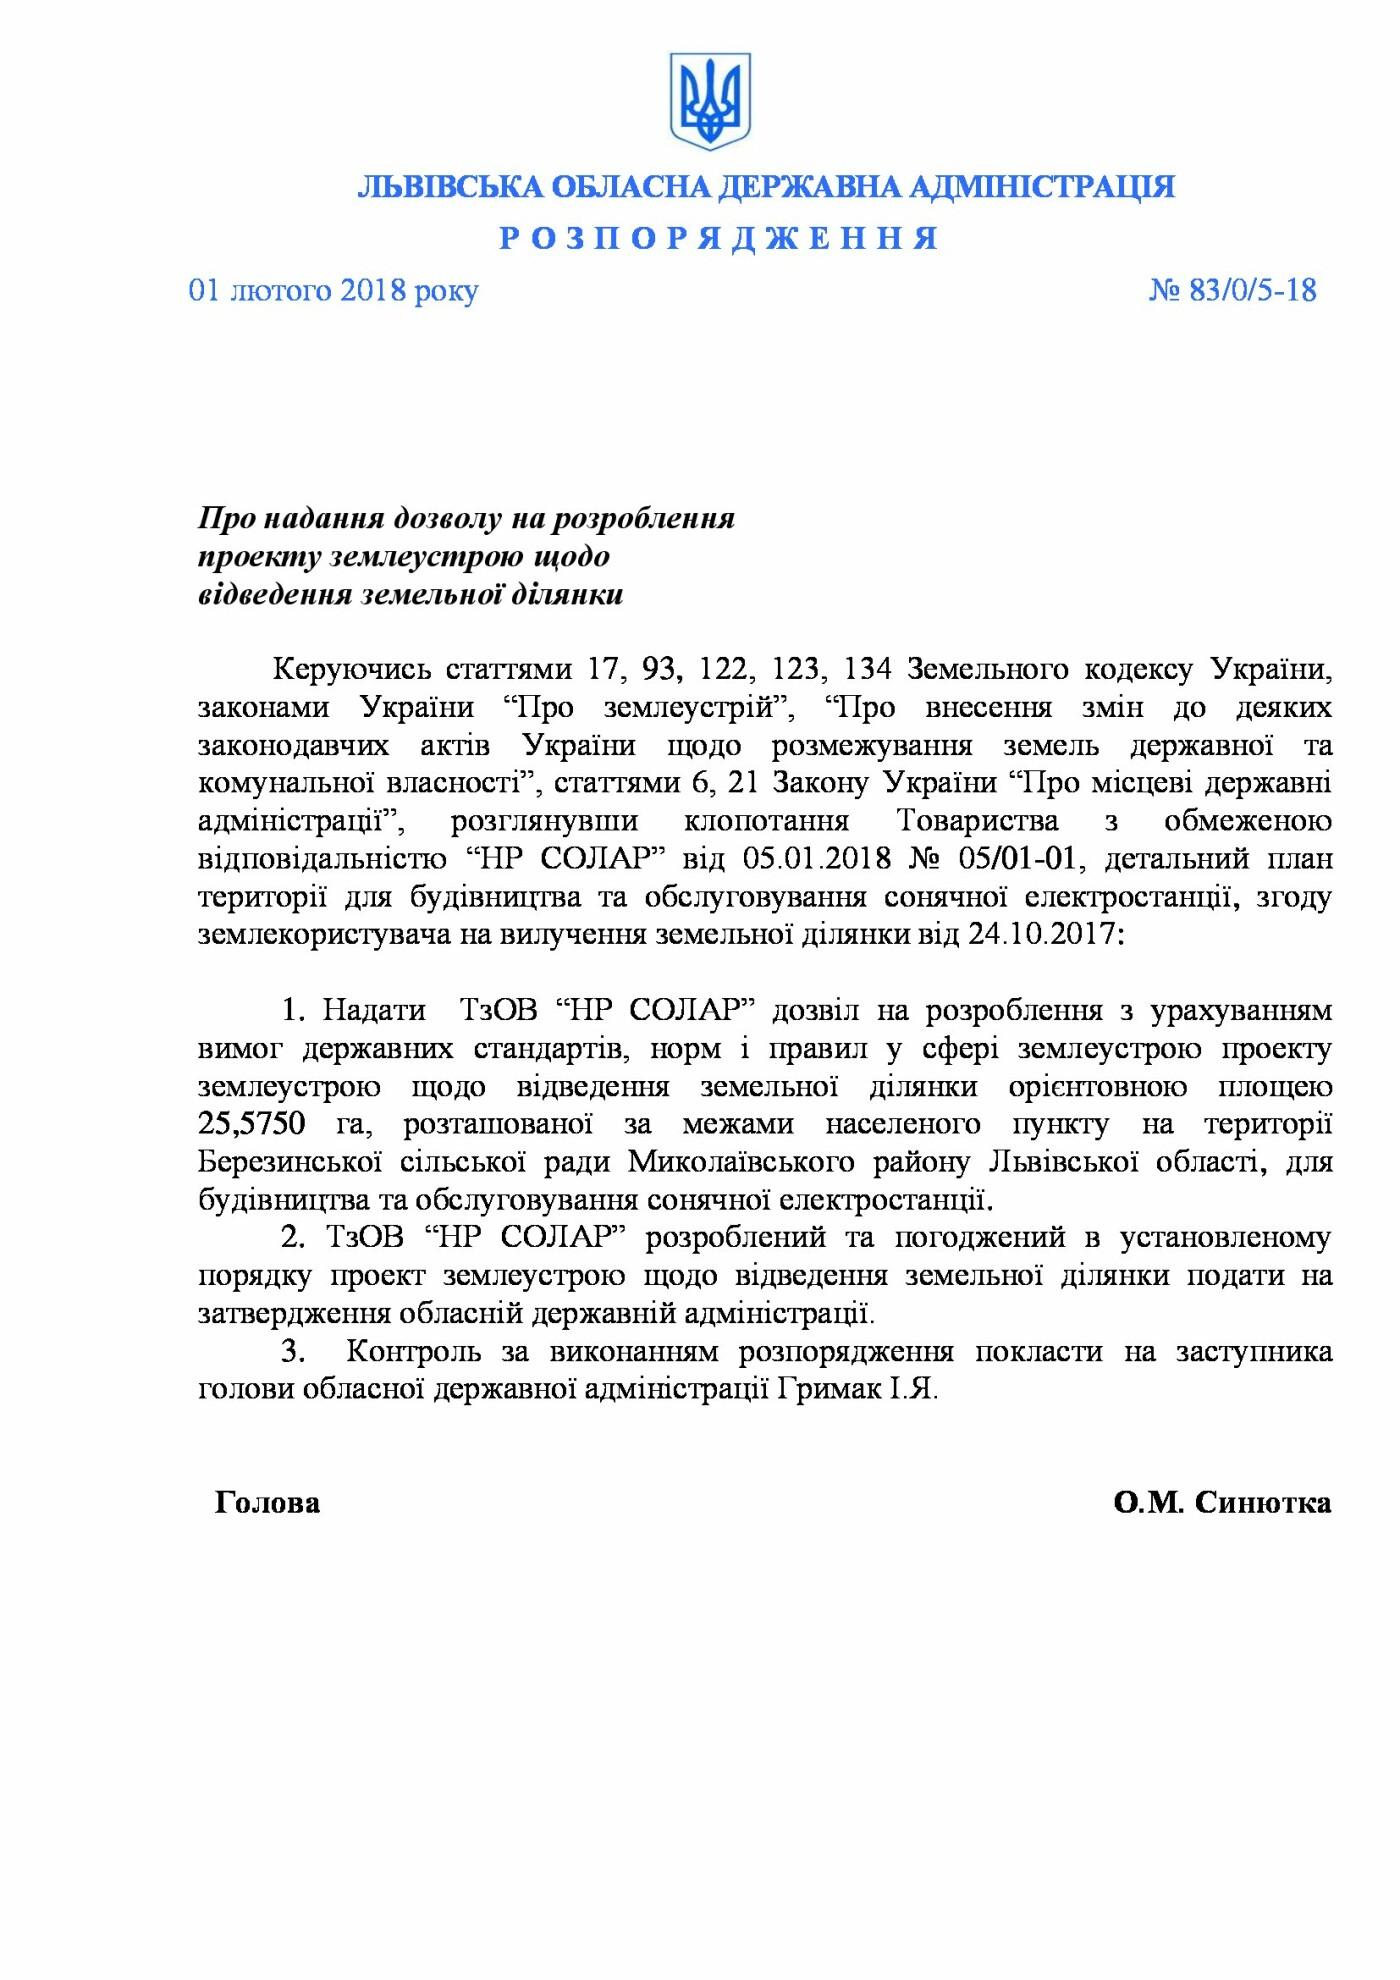 Фірми Дубневичів отримали більше 50 га землі на Львівщині з дозволу Синютки, фото-2